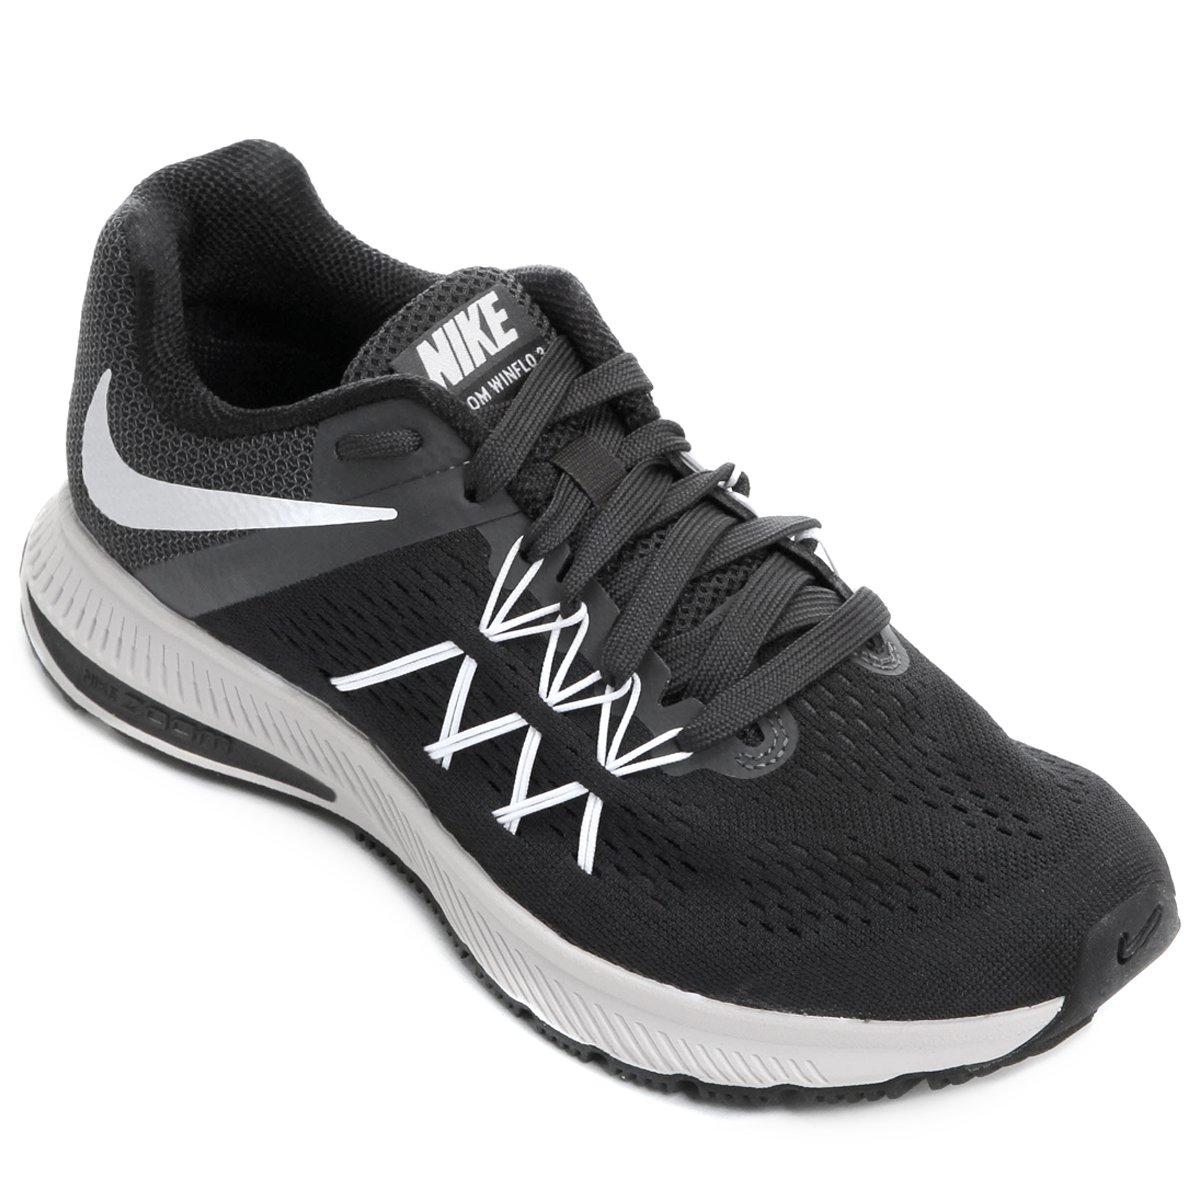 Tênis Nike Zoom Winflo 3 Feminino - Compre Agora  0941d785e218e